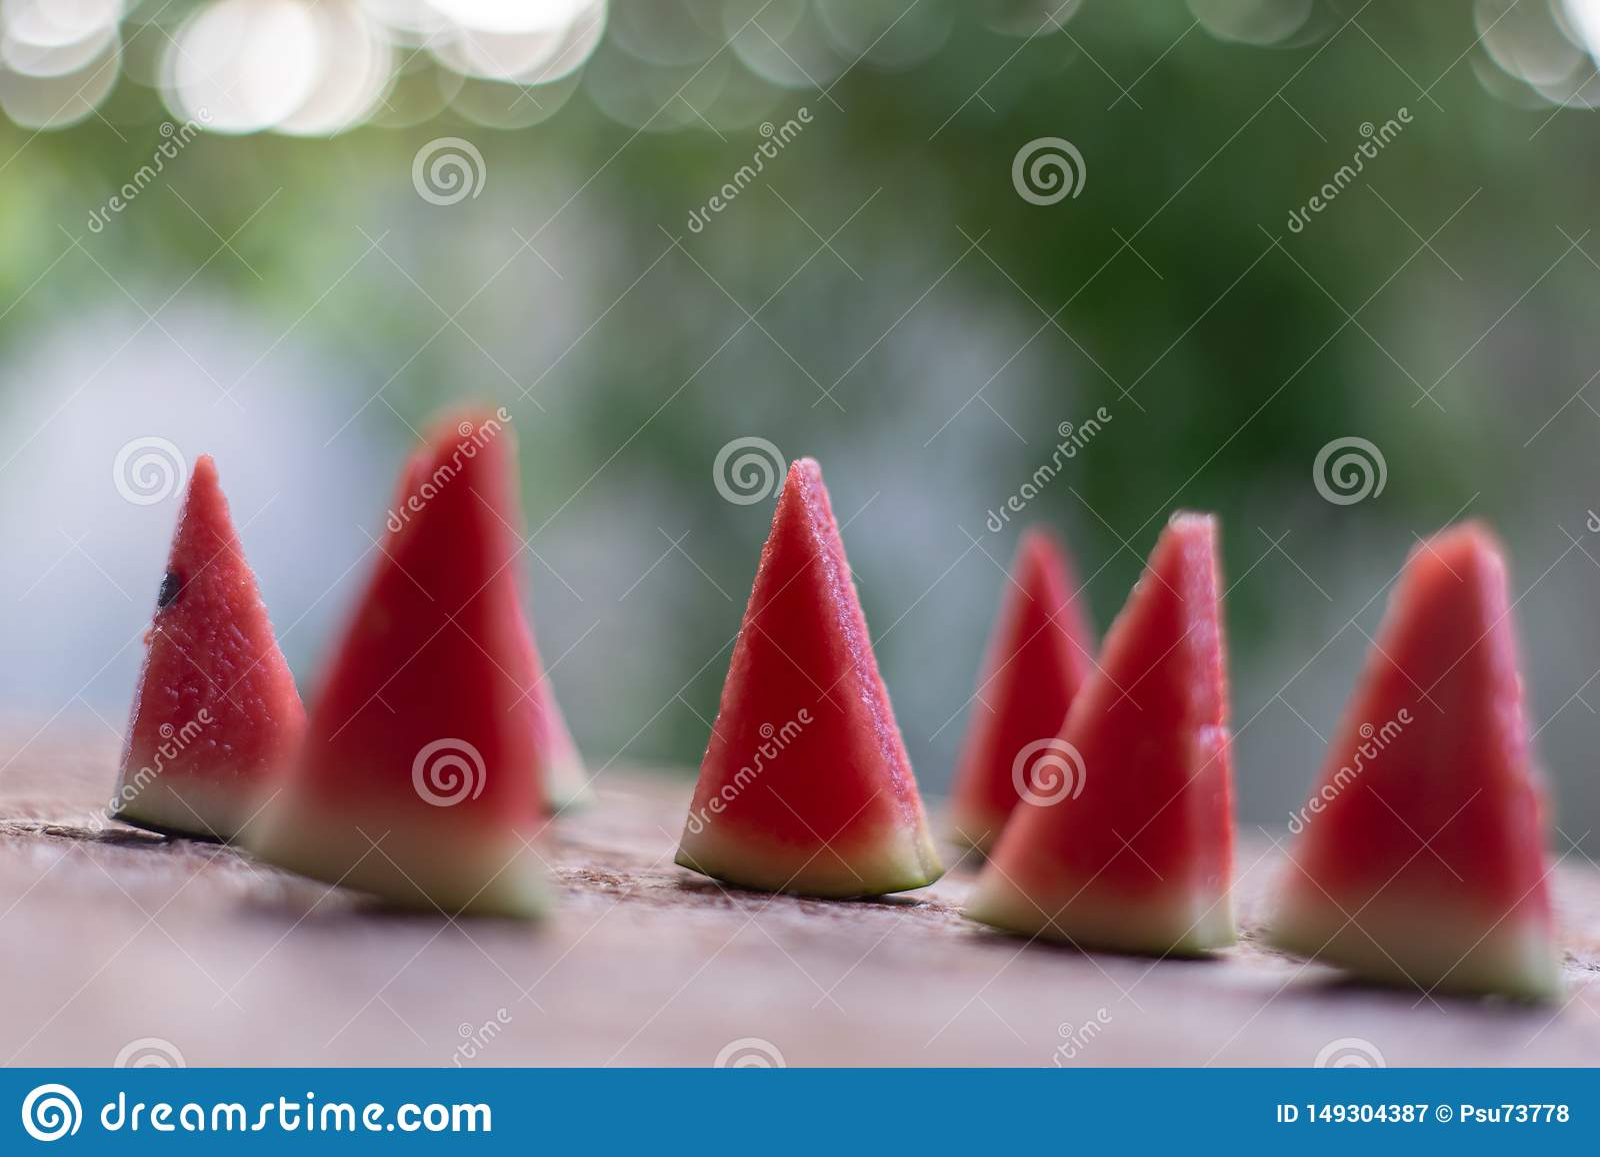 Арбуз уравновешенный в небольших красных частях